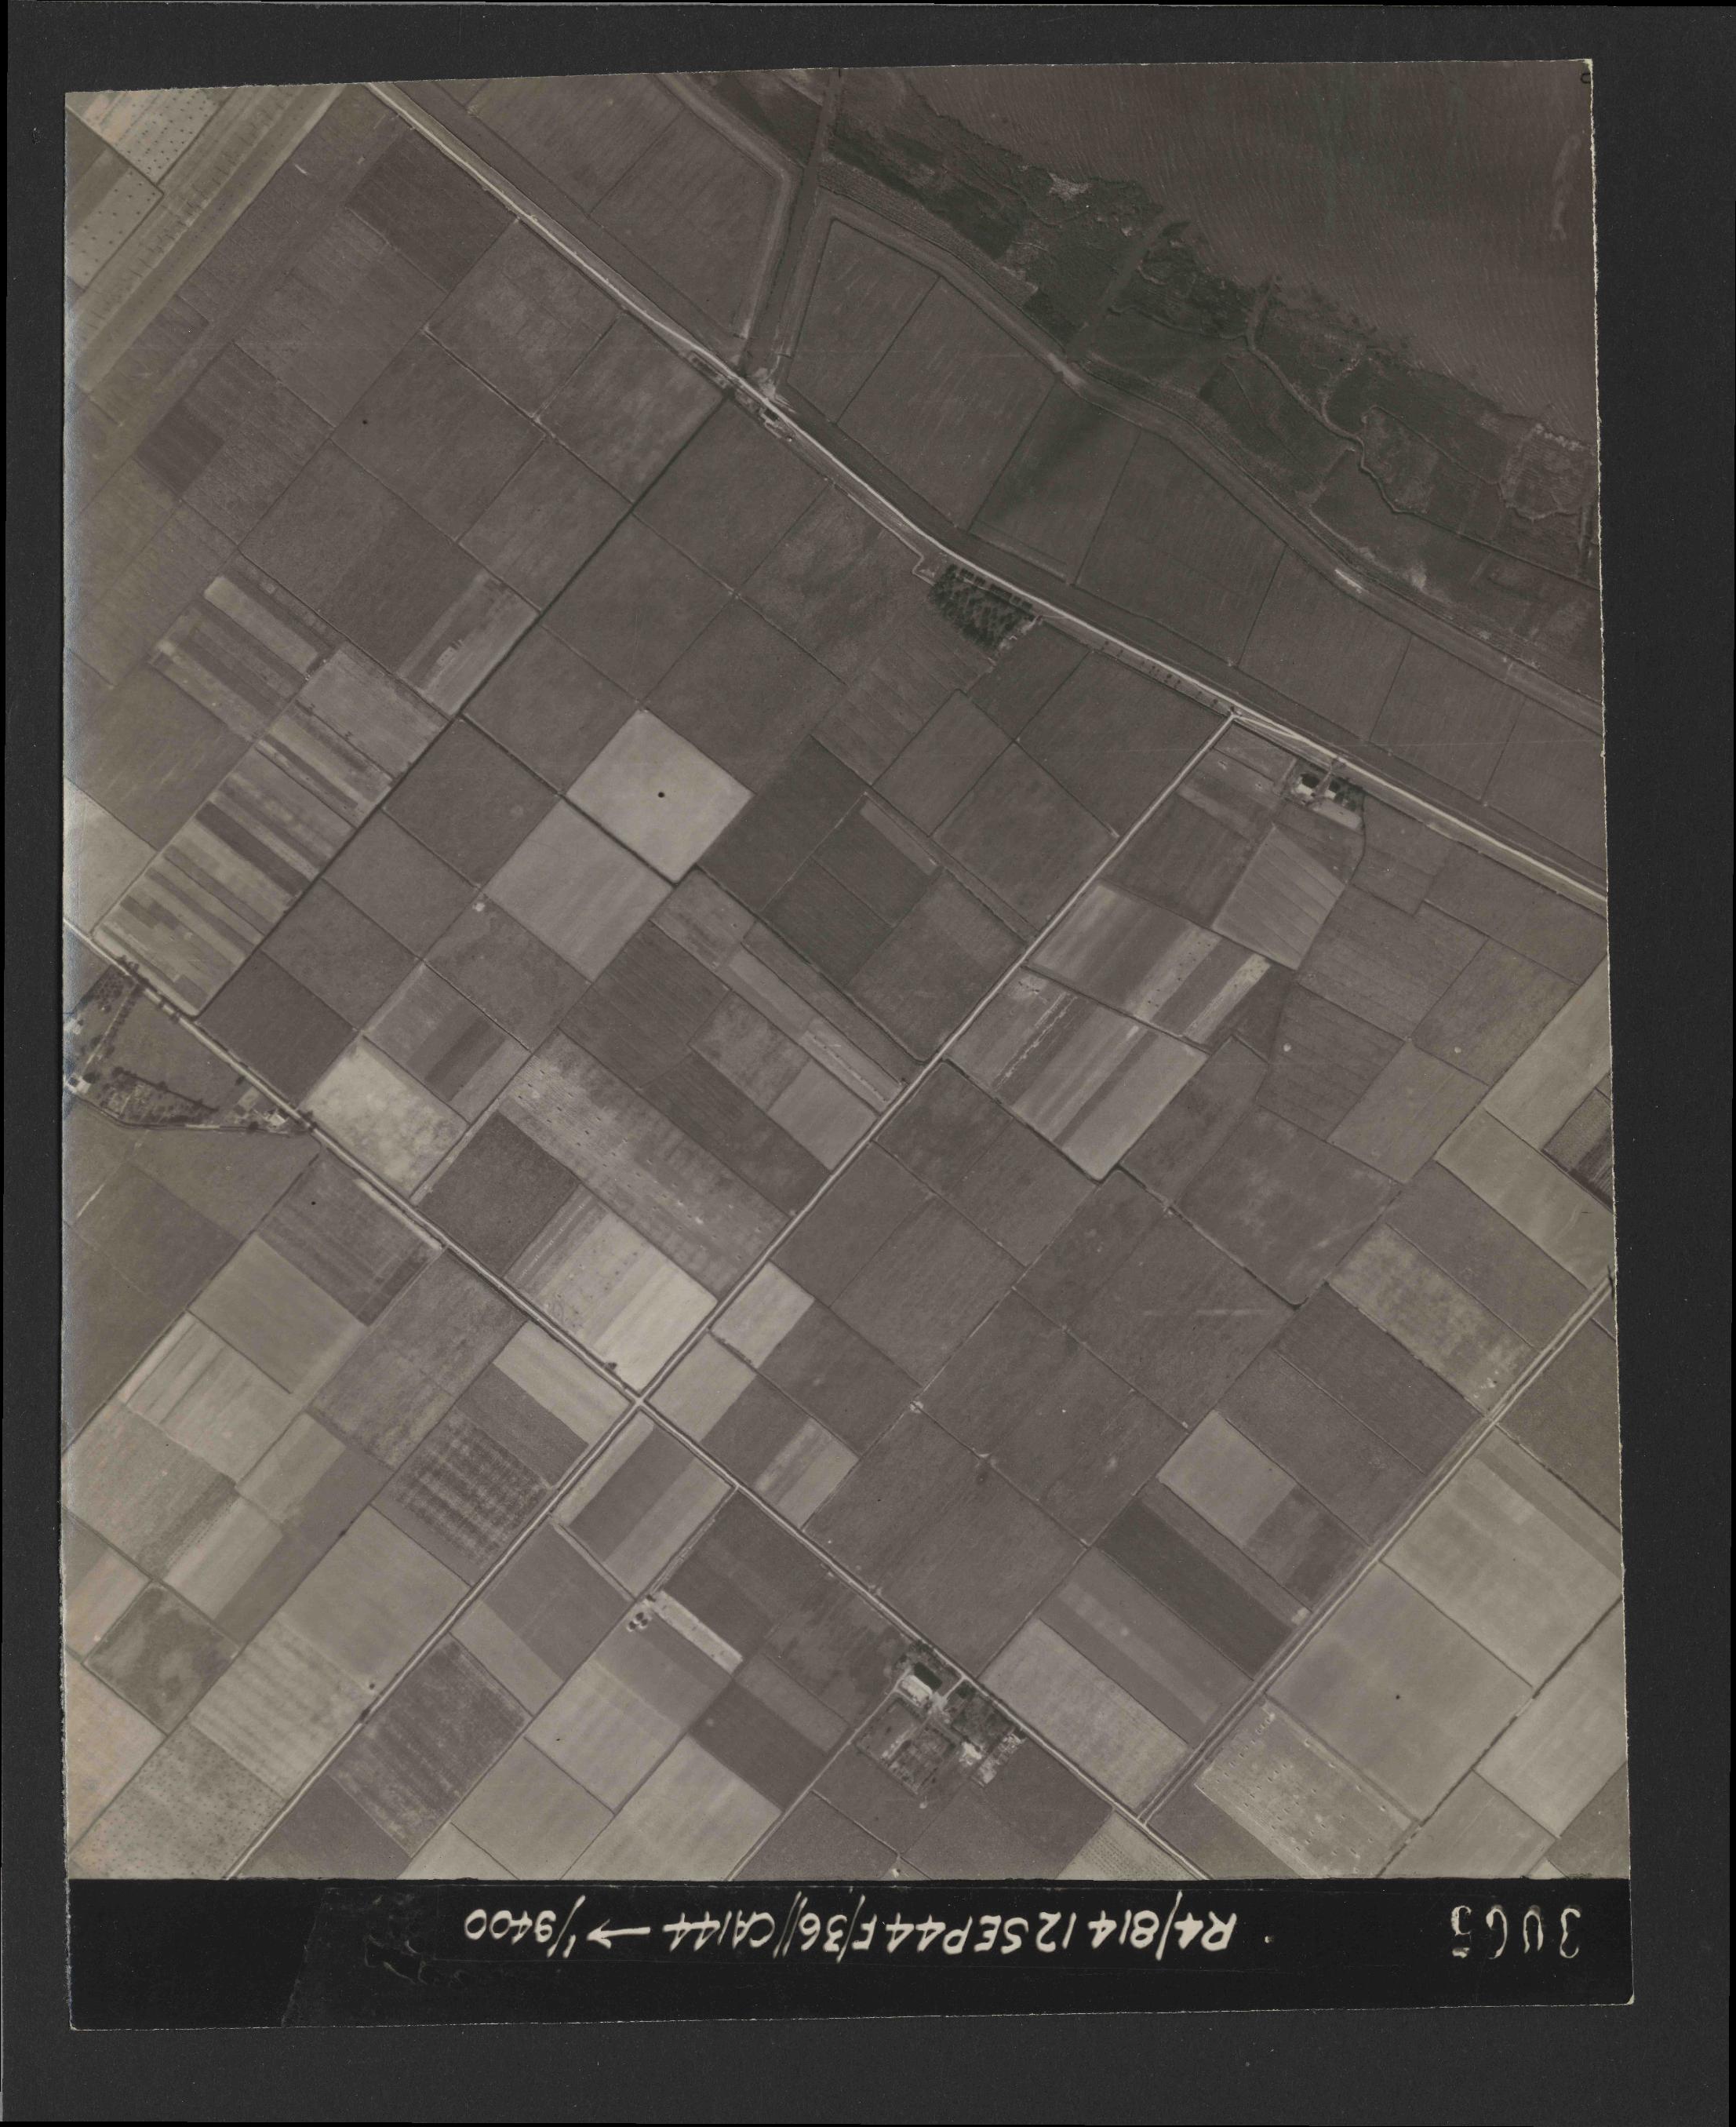 Collection RAF aerial photos 1940-1945 - flight 333, run 01, photo 3065